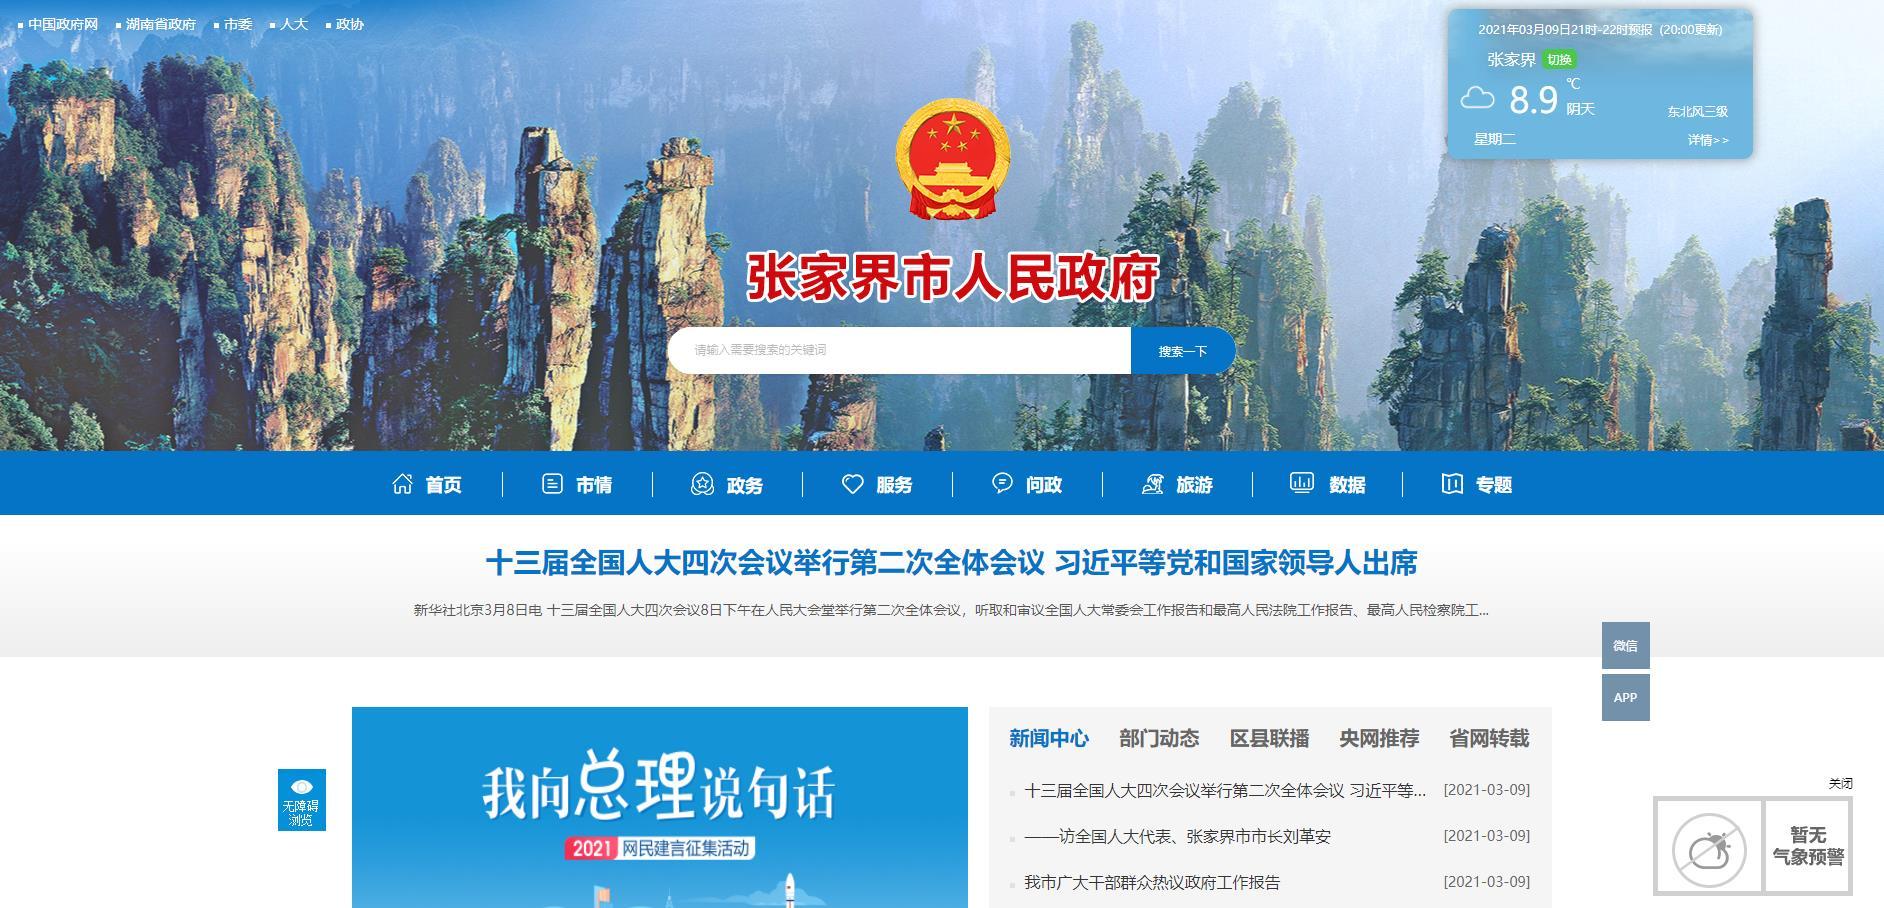 张家界市政府门户网站(zjj)张家界政府公众信息网官方